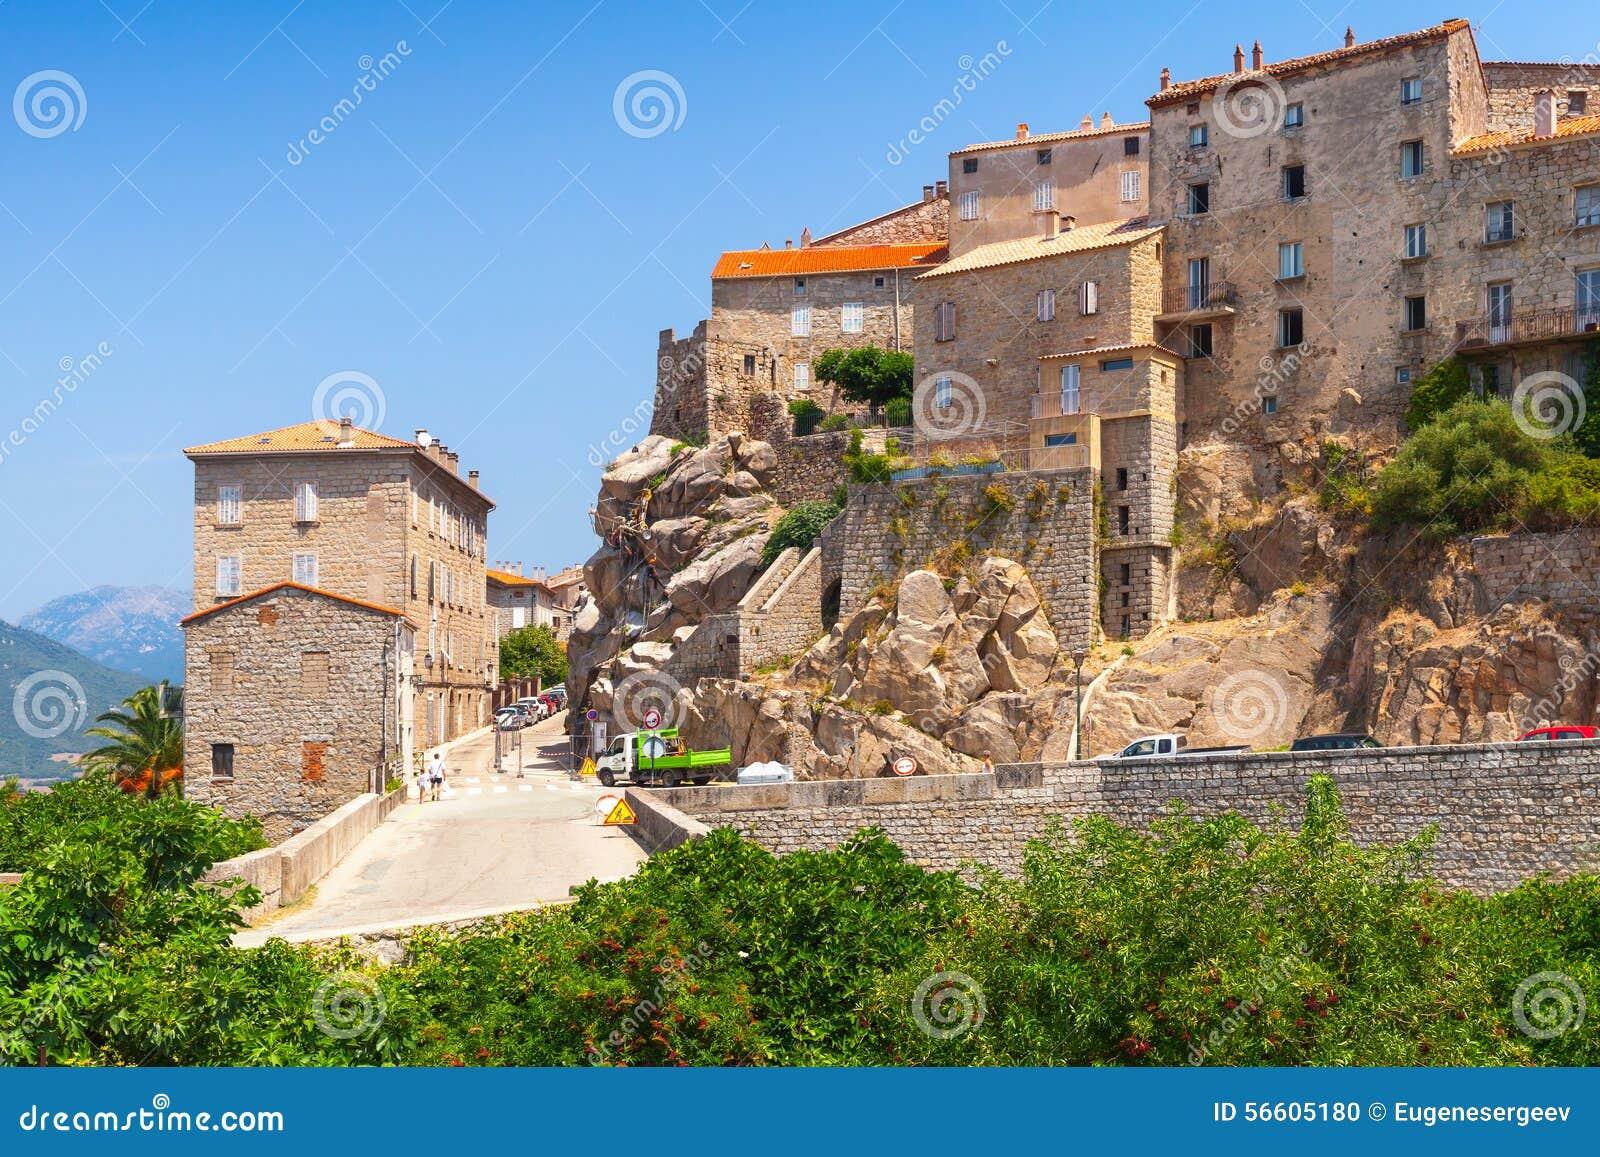 Vieux paysage de ville sartene corse france photo stock for Paysage de ville